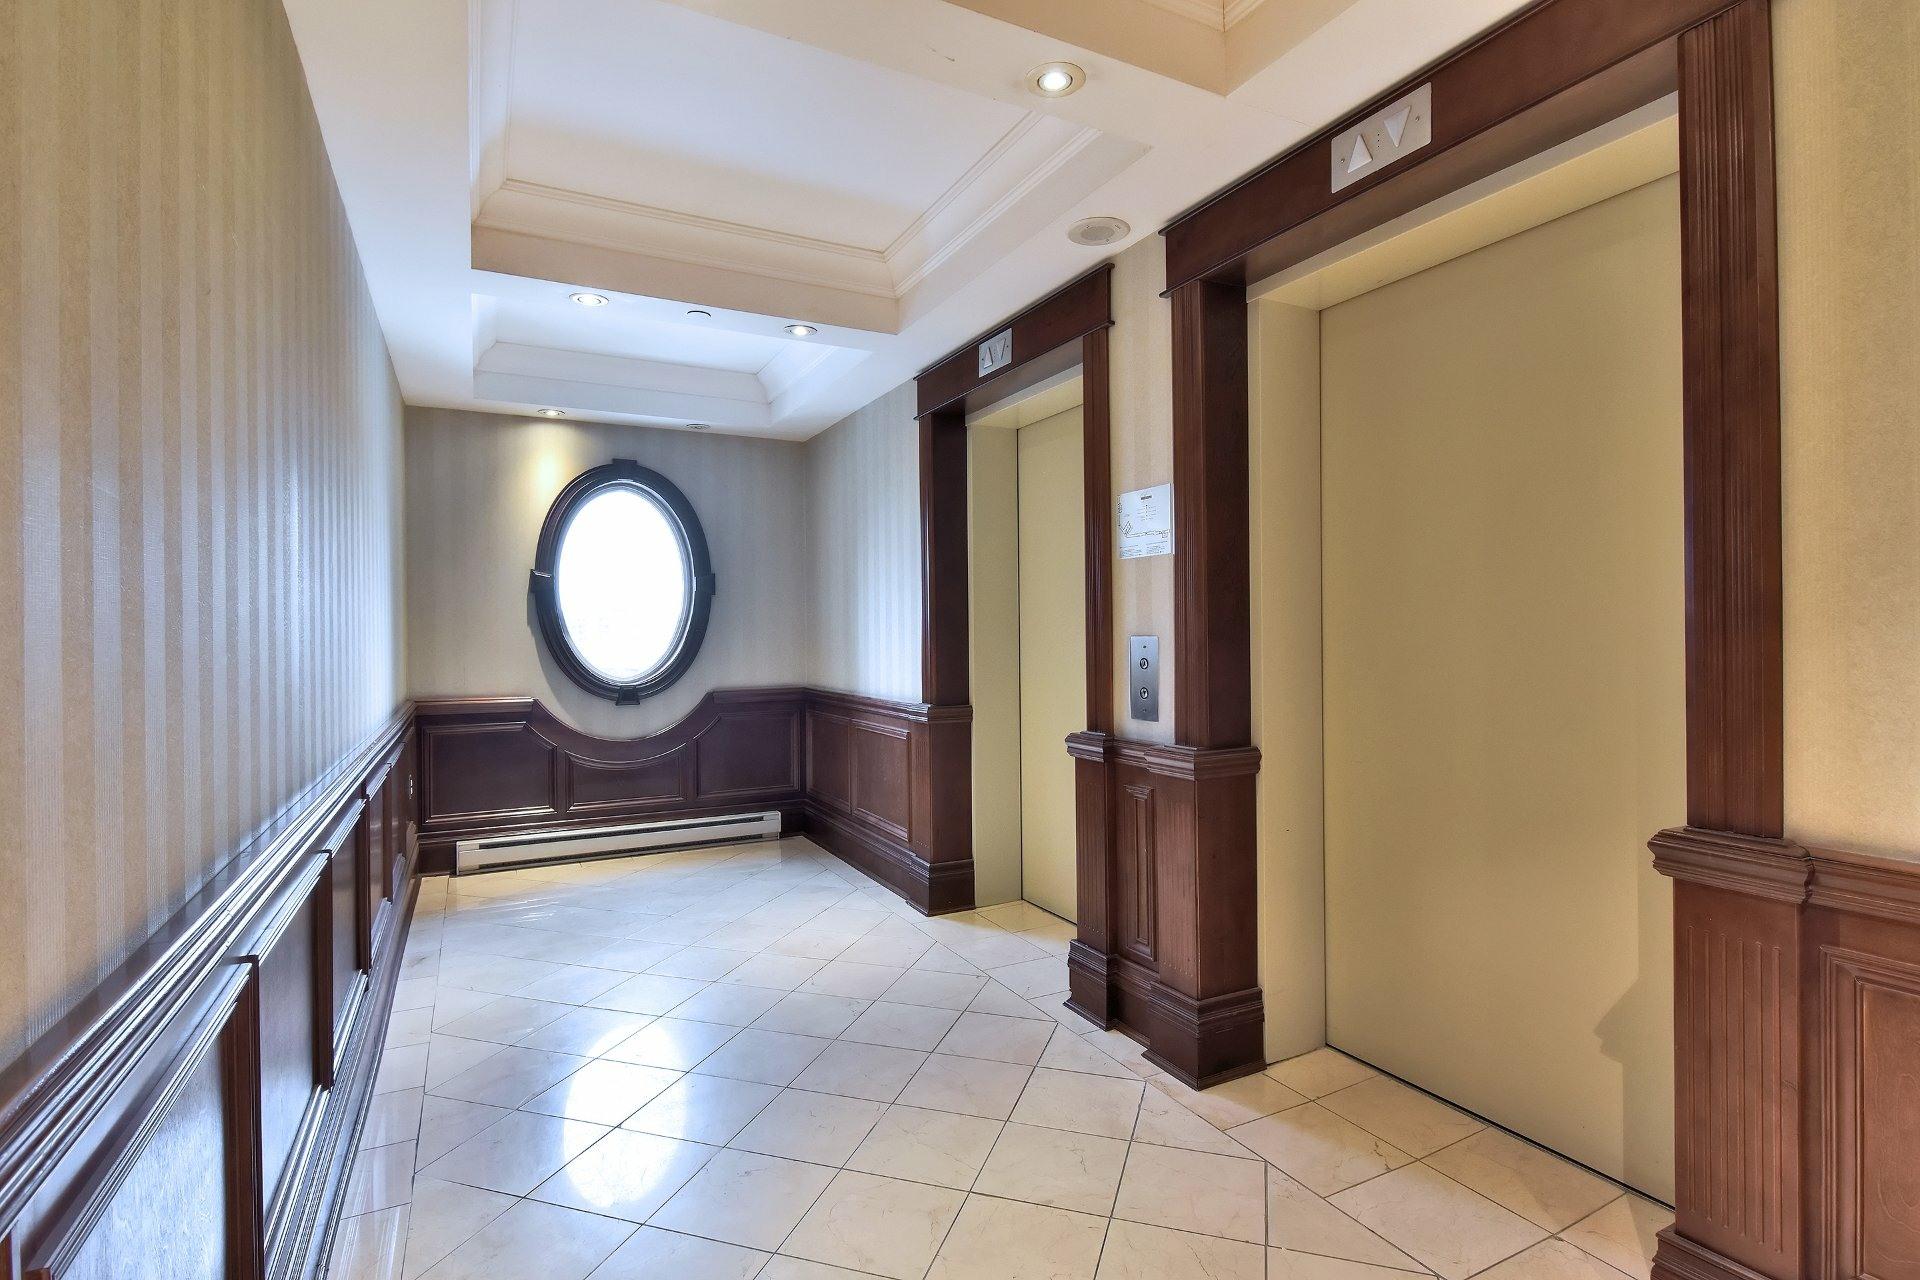 image 9 - Appartement À vendre Côte-Saint-Luc - 5 pièces